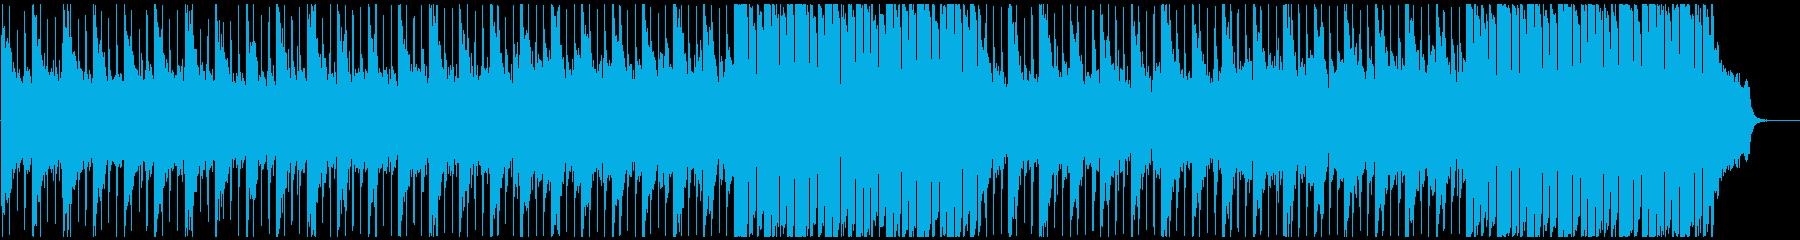 告知やVPに 前向きわくわくなバイオリンの再生済みの波形